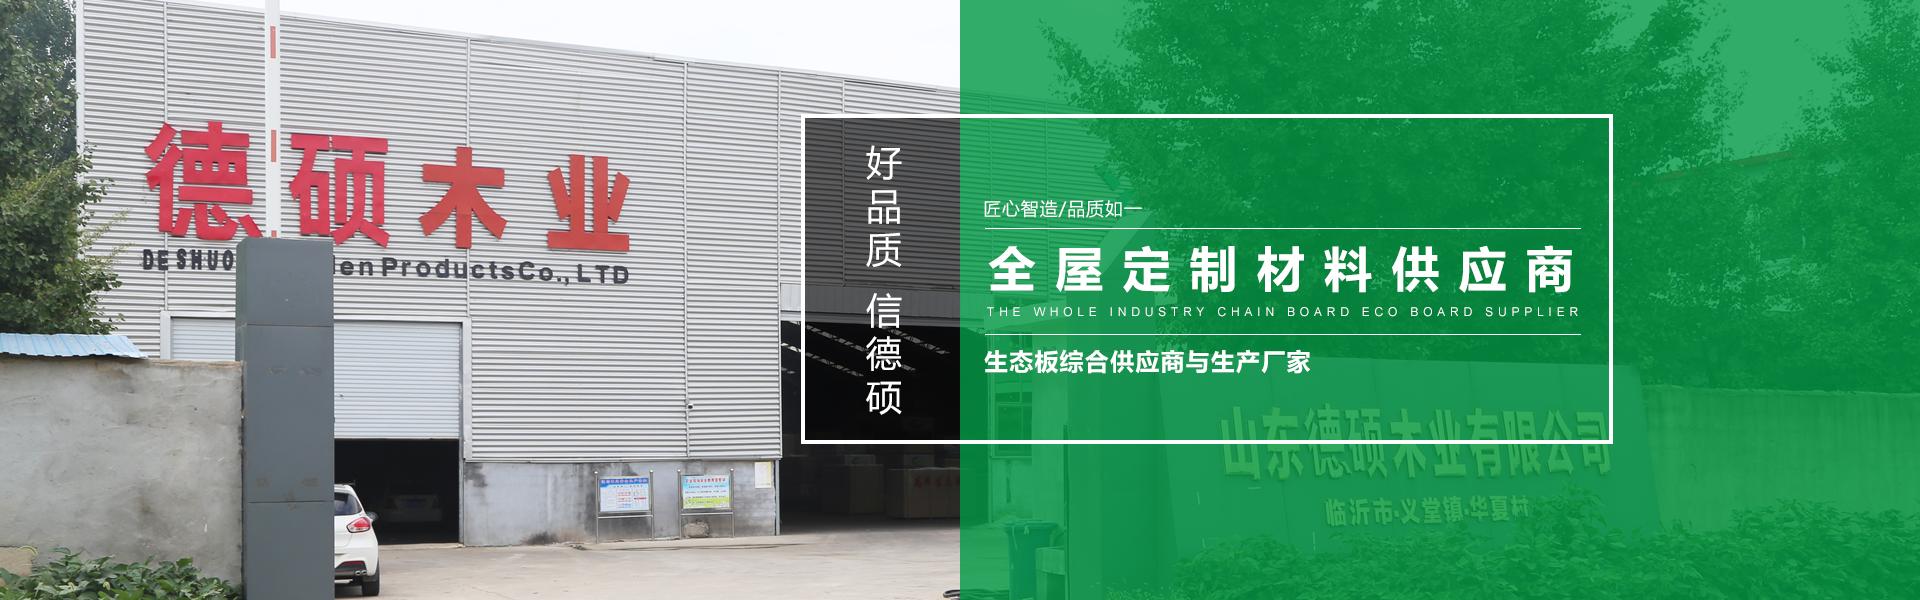 临沂多层板生态板,桐木生态板厂家,山东马六甲生态板,实木厚芯生态板批发